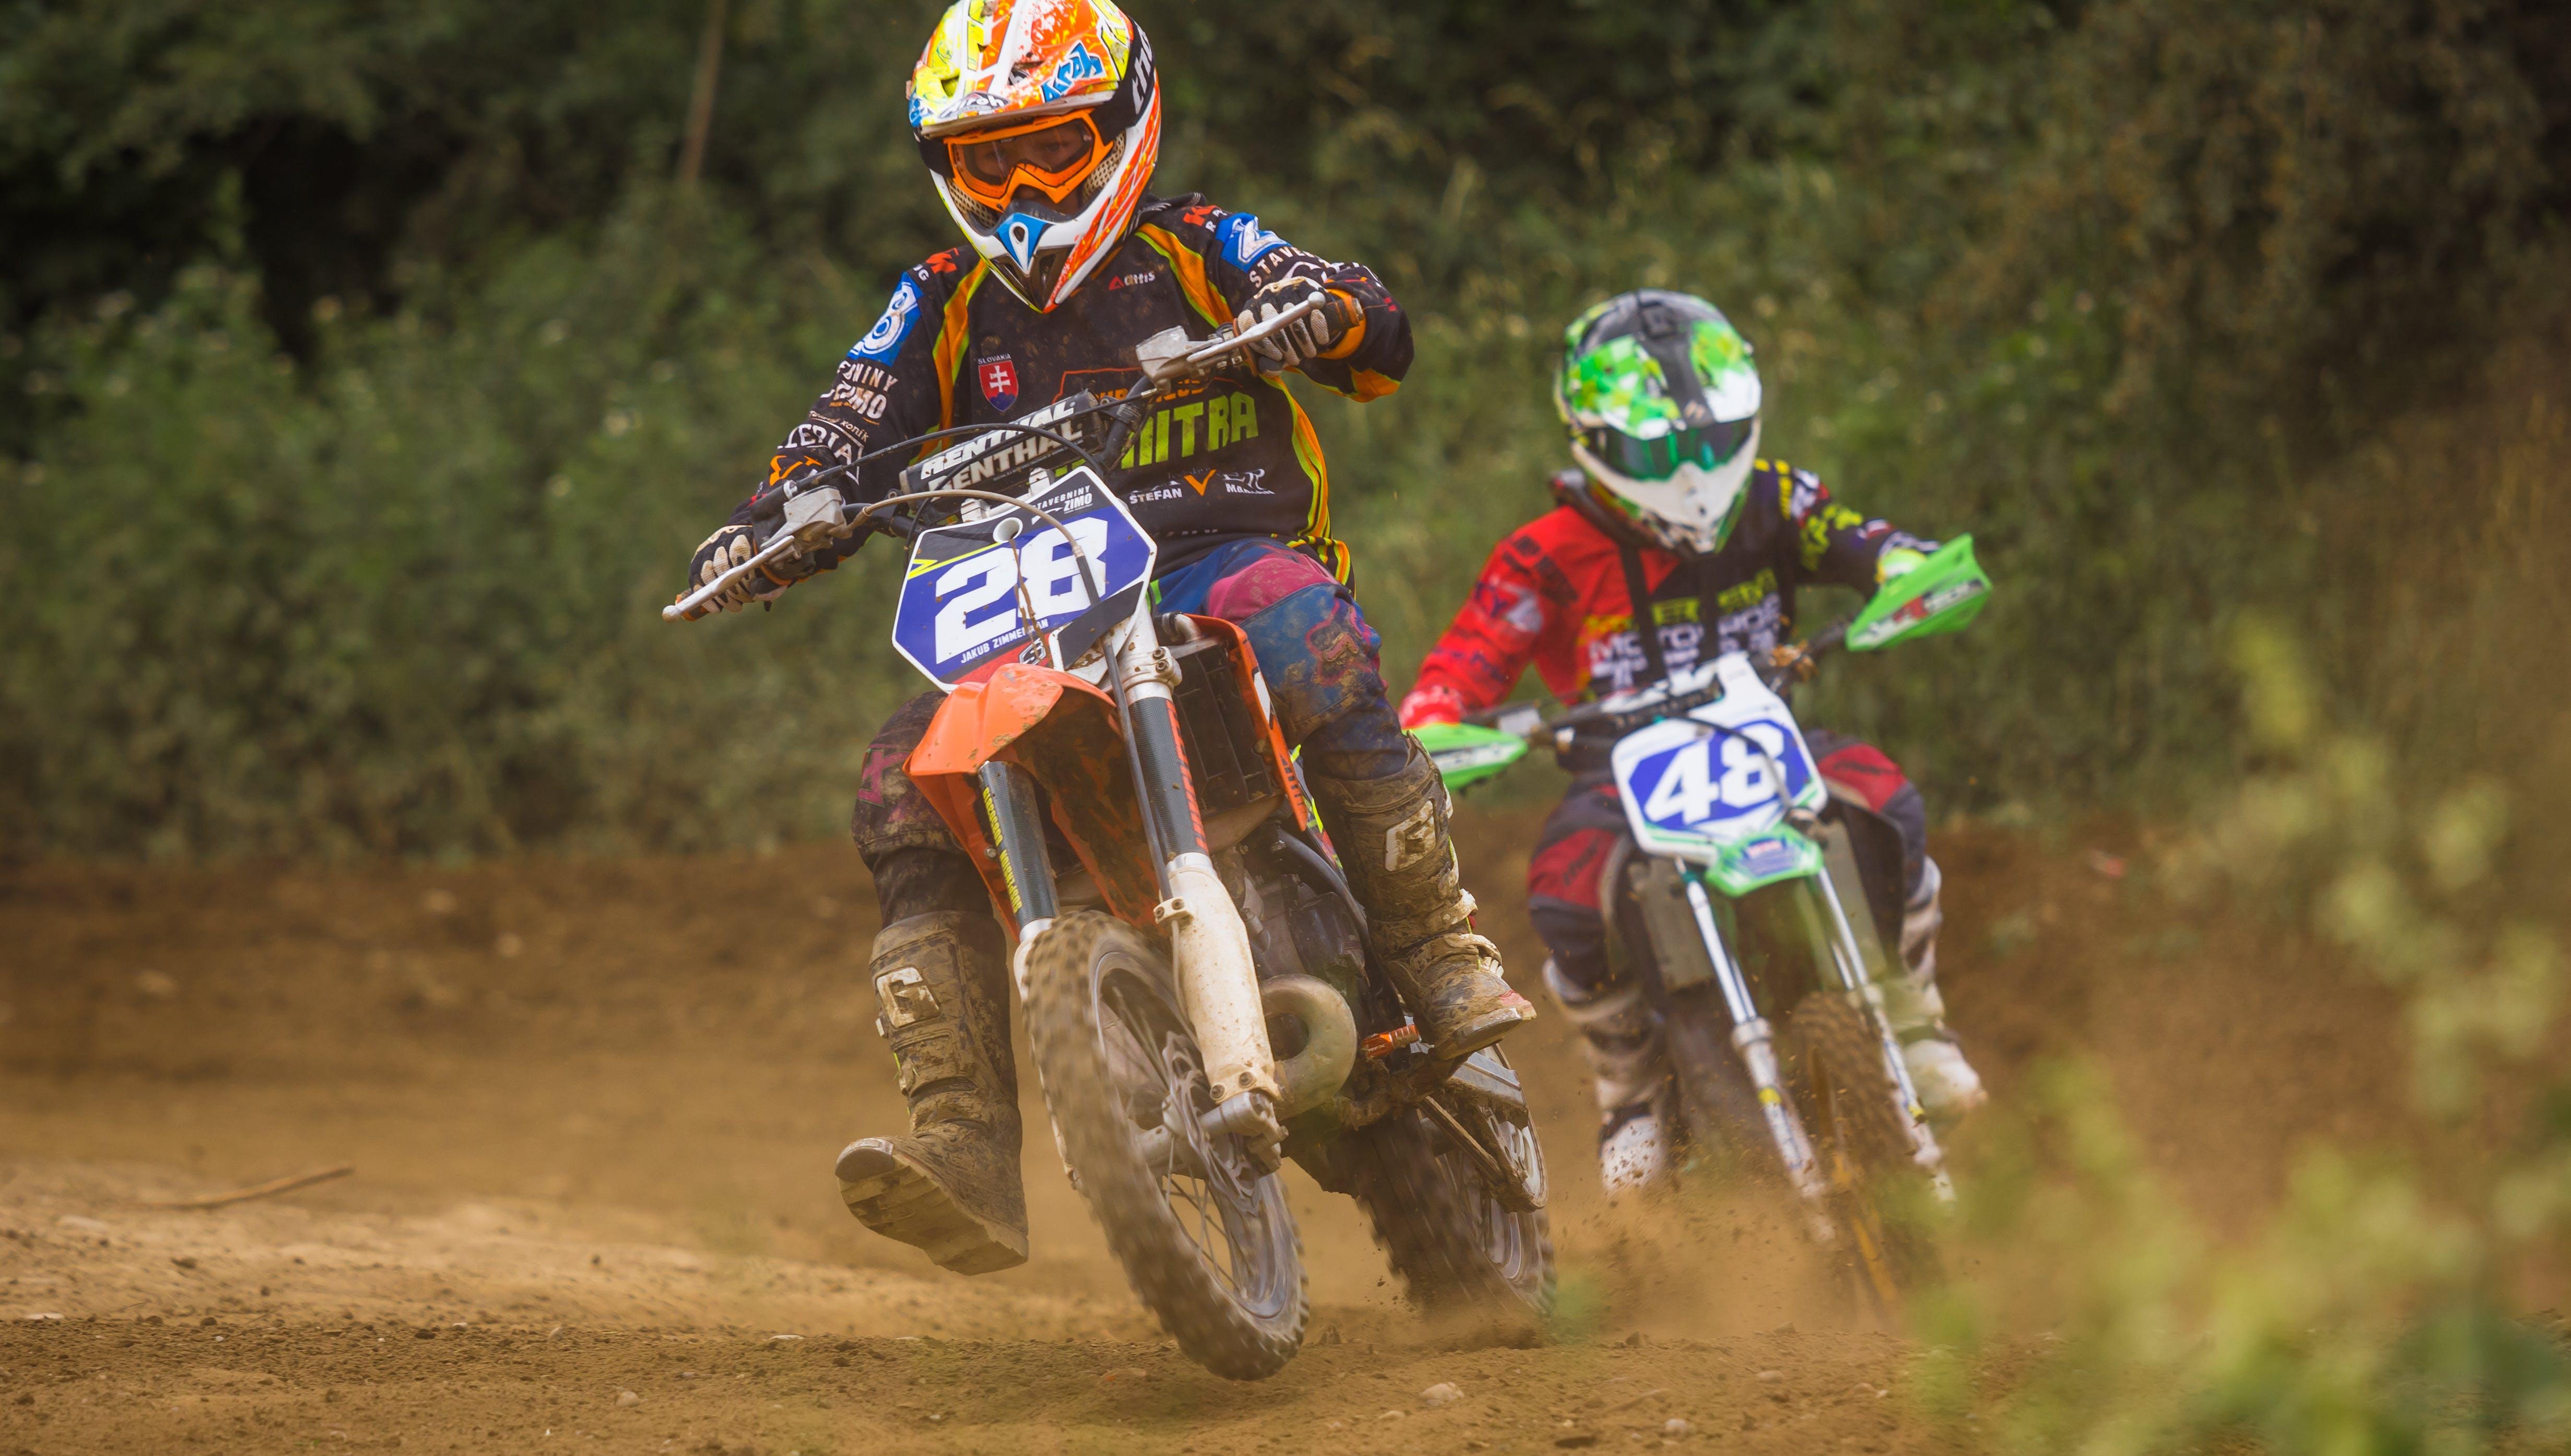 Two Dirt Bikers